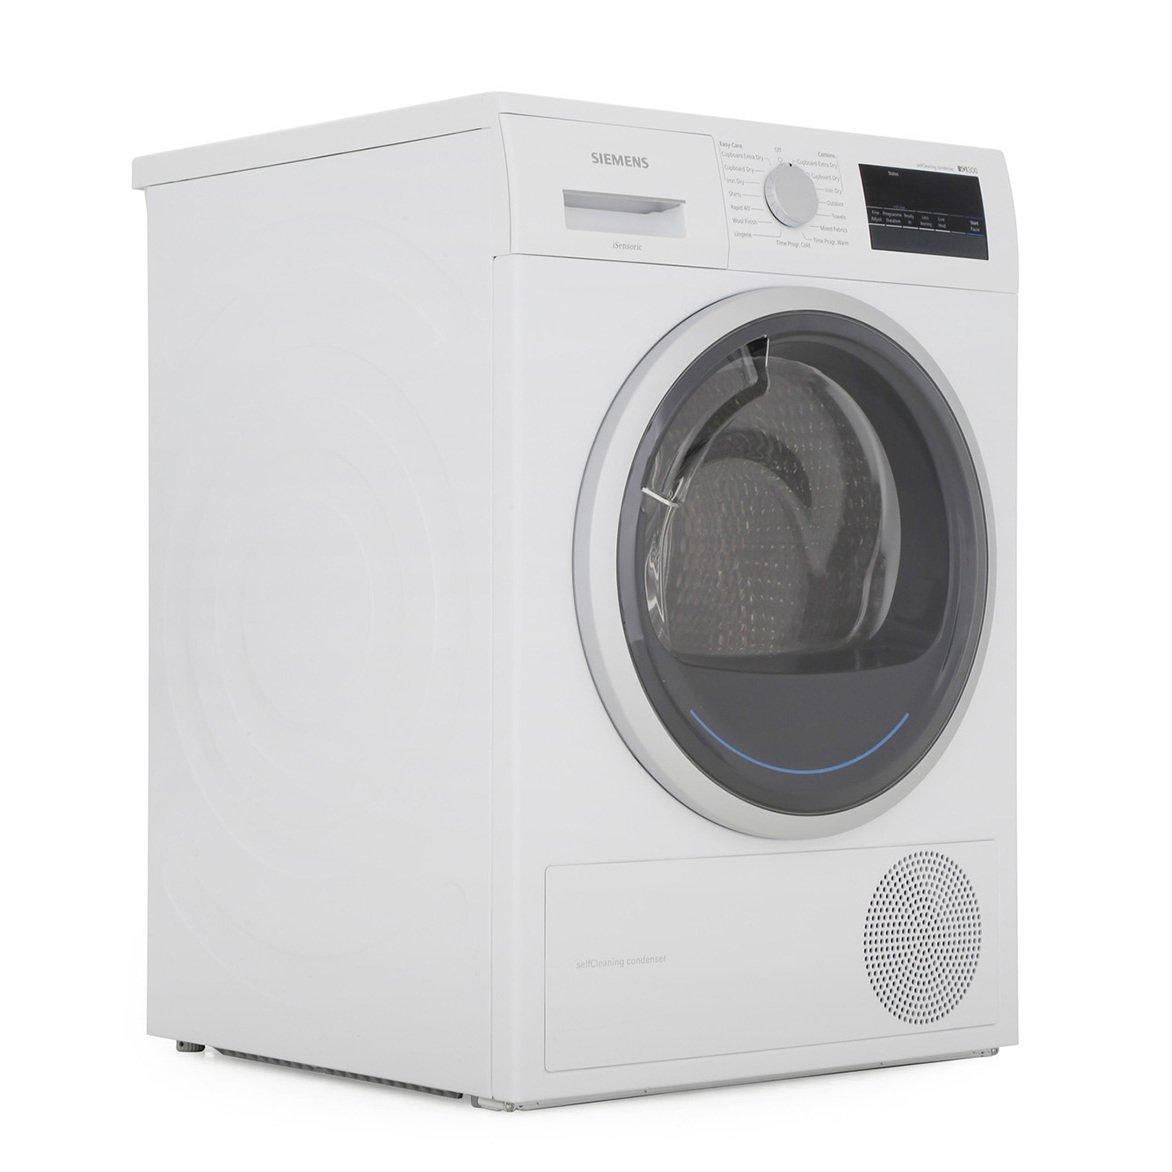 Siemens iQ300 WT45M232GB Condenser Dryer with Heat Pump Technology